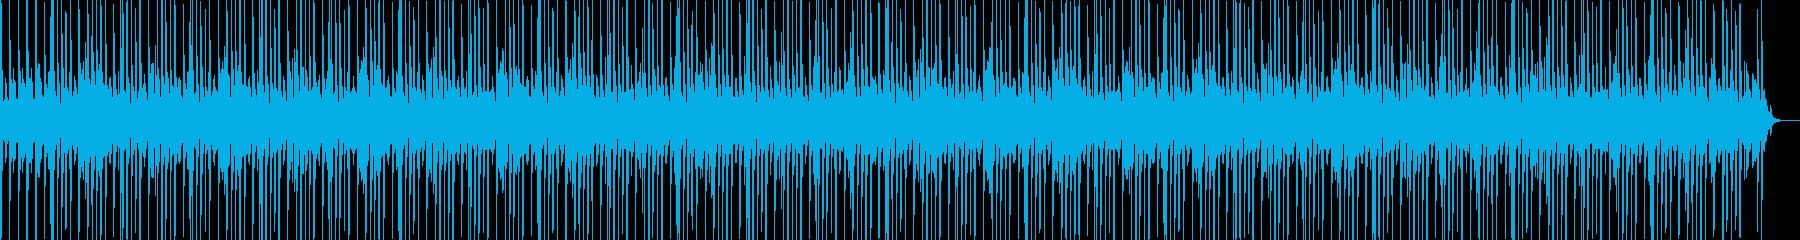 シンプルで子供っぽいラップビート(...の再生済みの波形